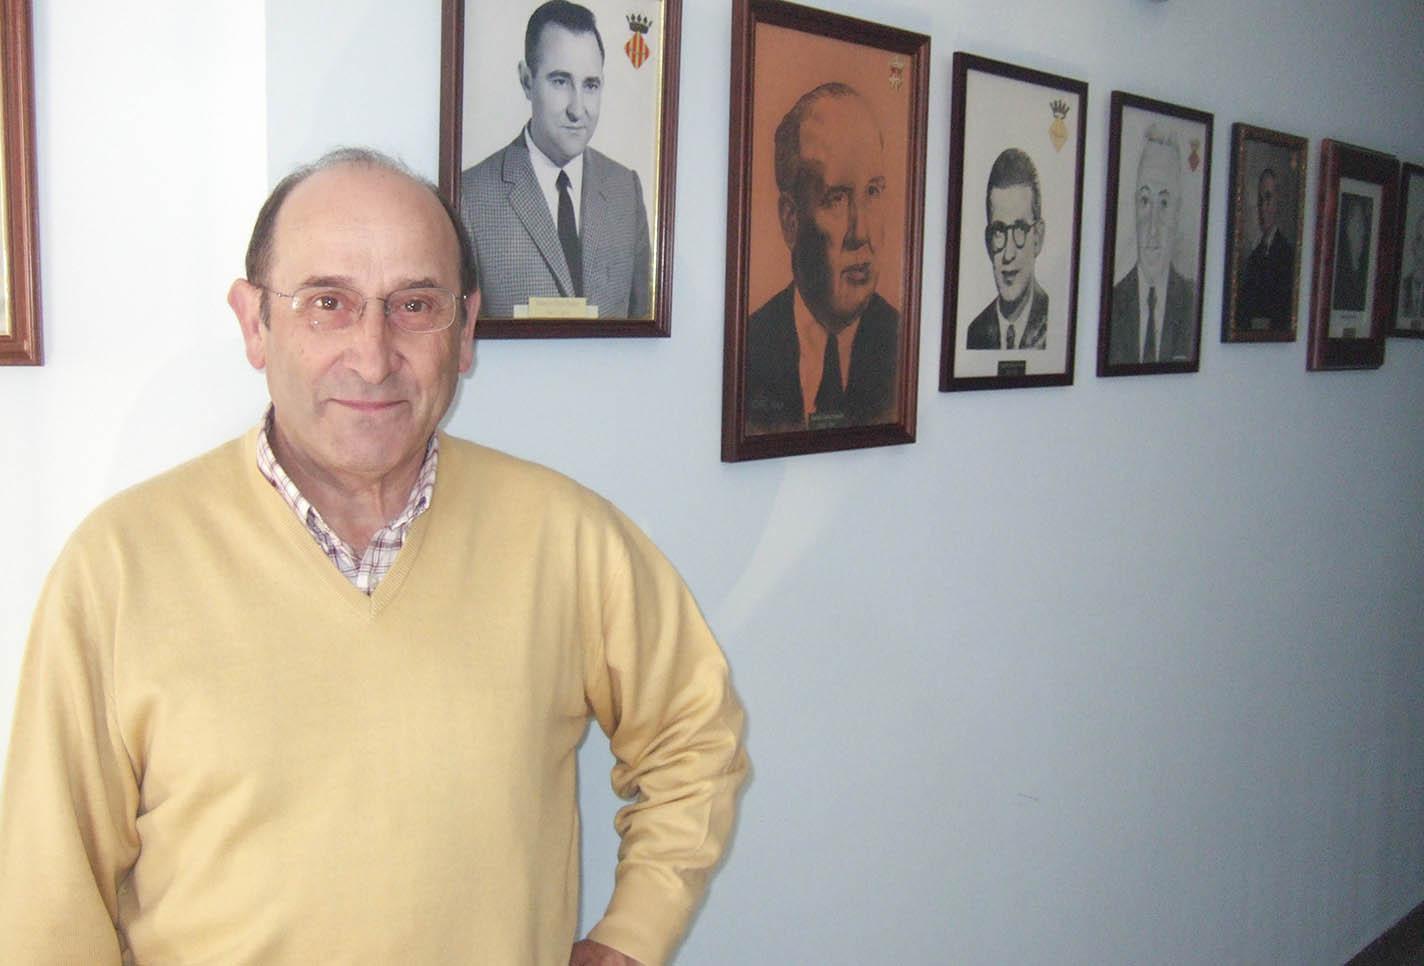 Mor el primer alcalde de la democràcia d'Agullent El Periòdic d'Ontinyent